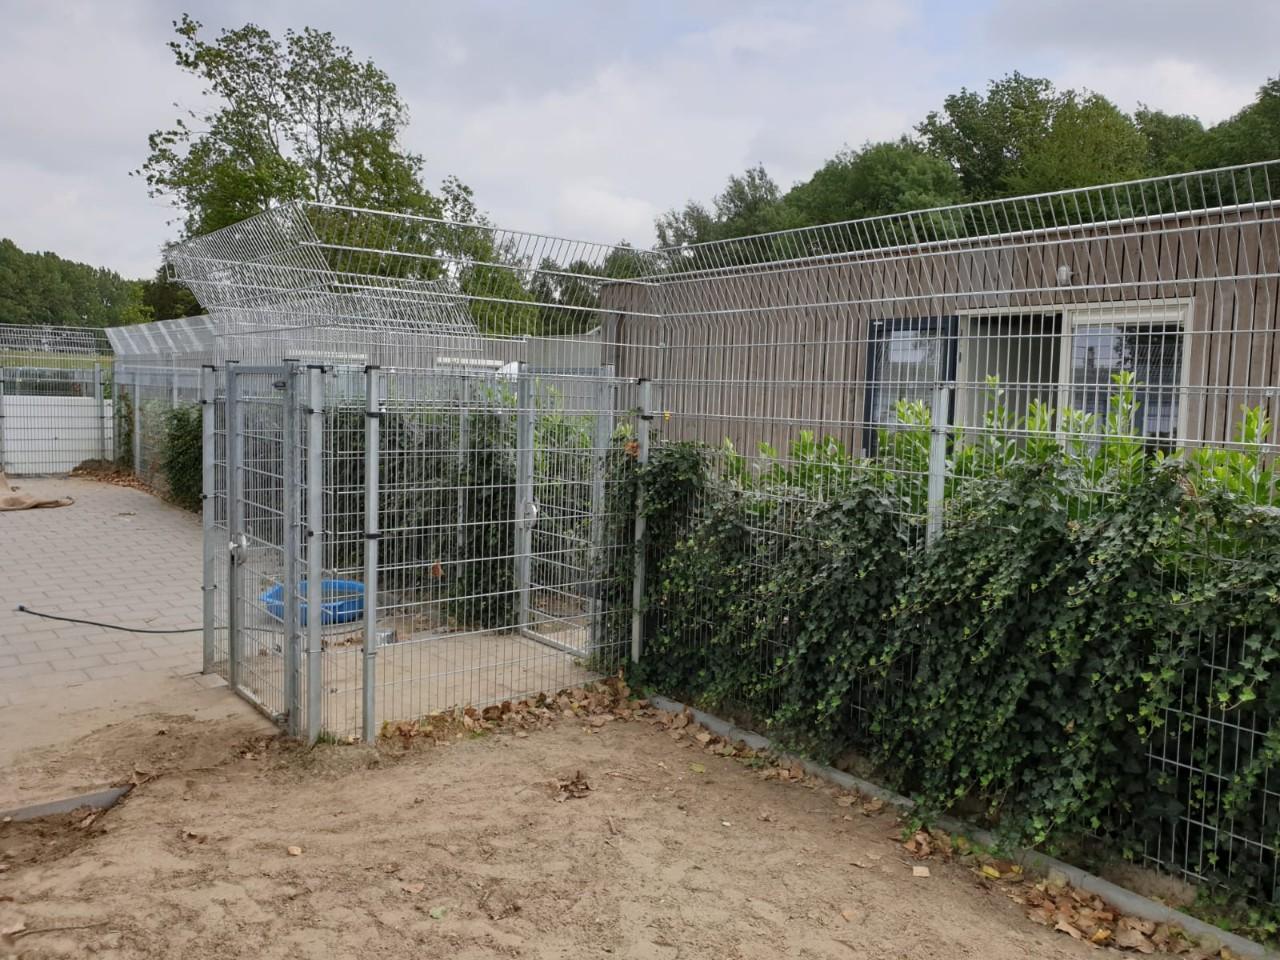 Dierenbescherming Spijkenisse  # (13)